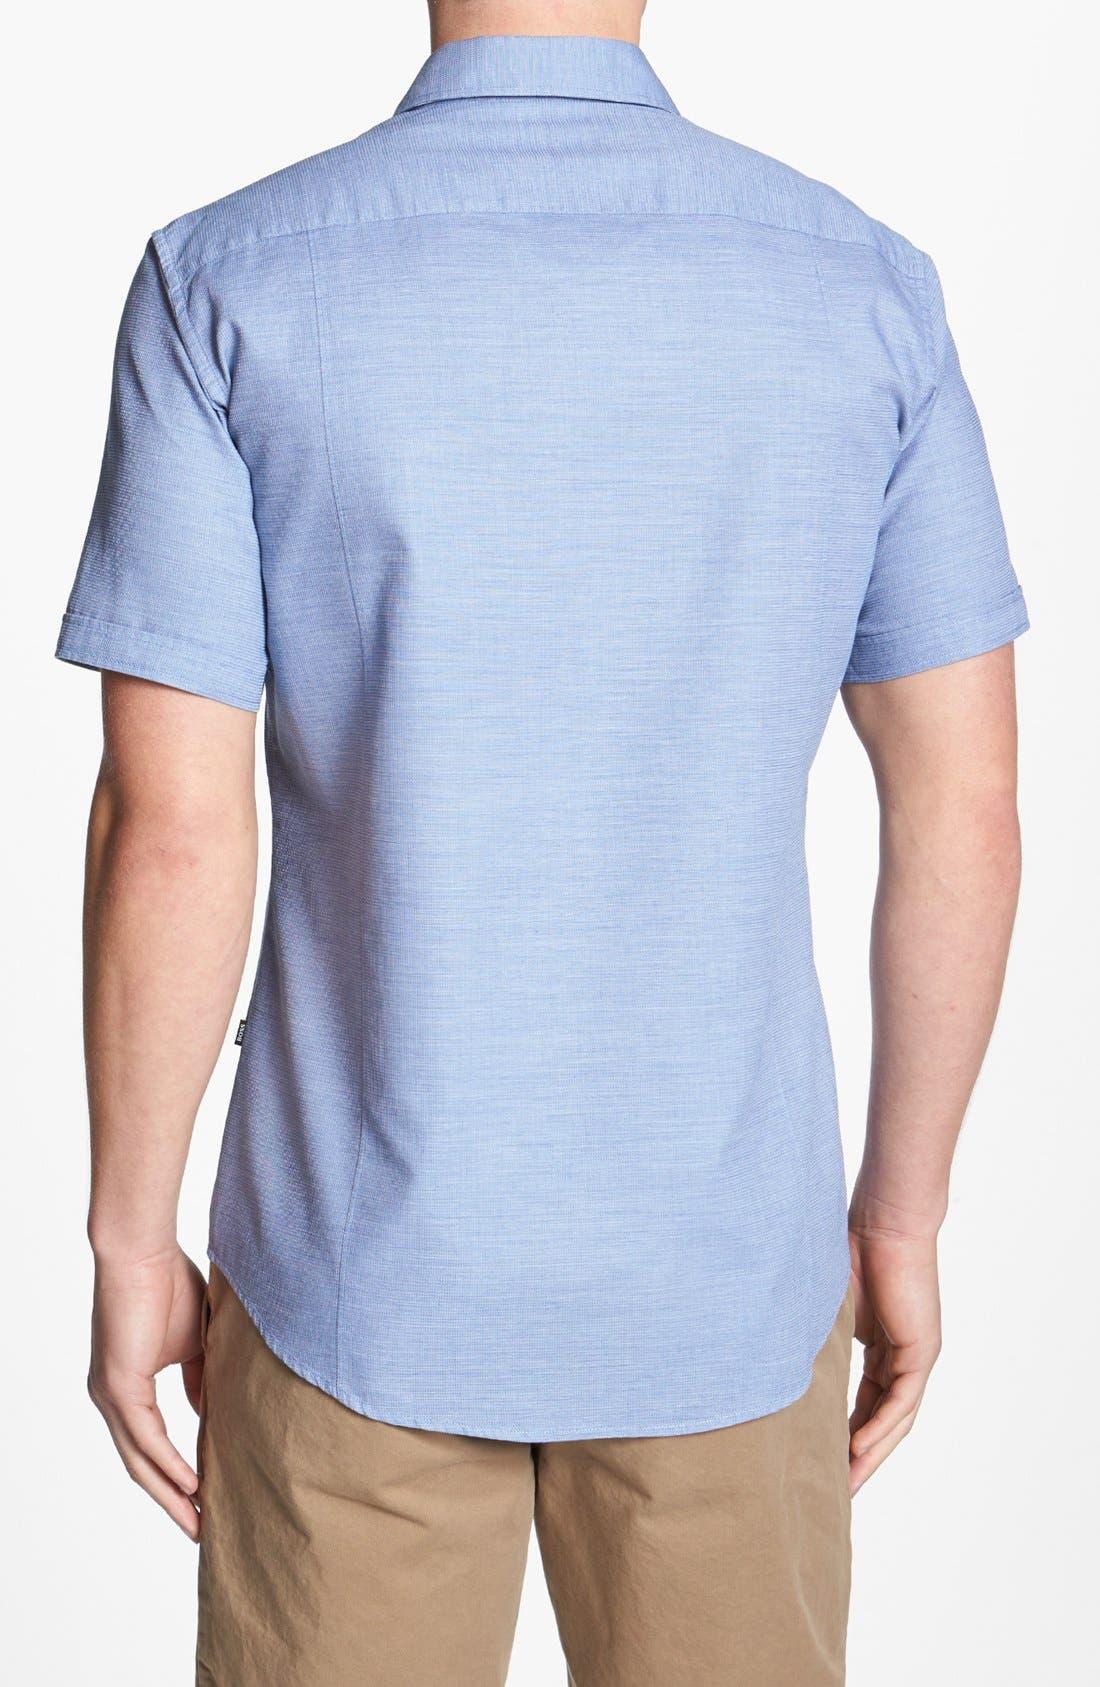 Alternate Image 2  - BOSS HUGO BOSS 'Marco' Slim Fit Short Sleeve Sport Shirt